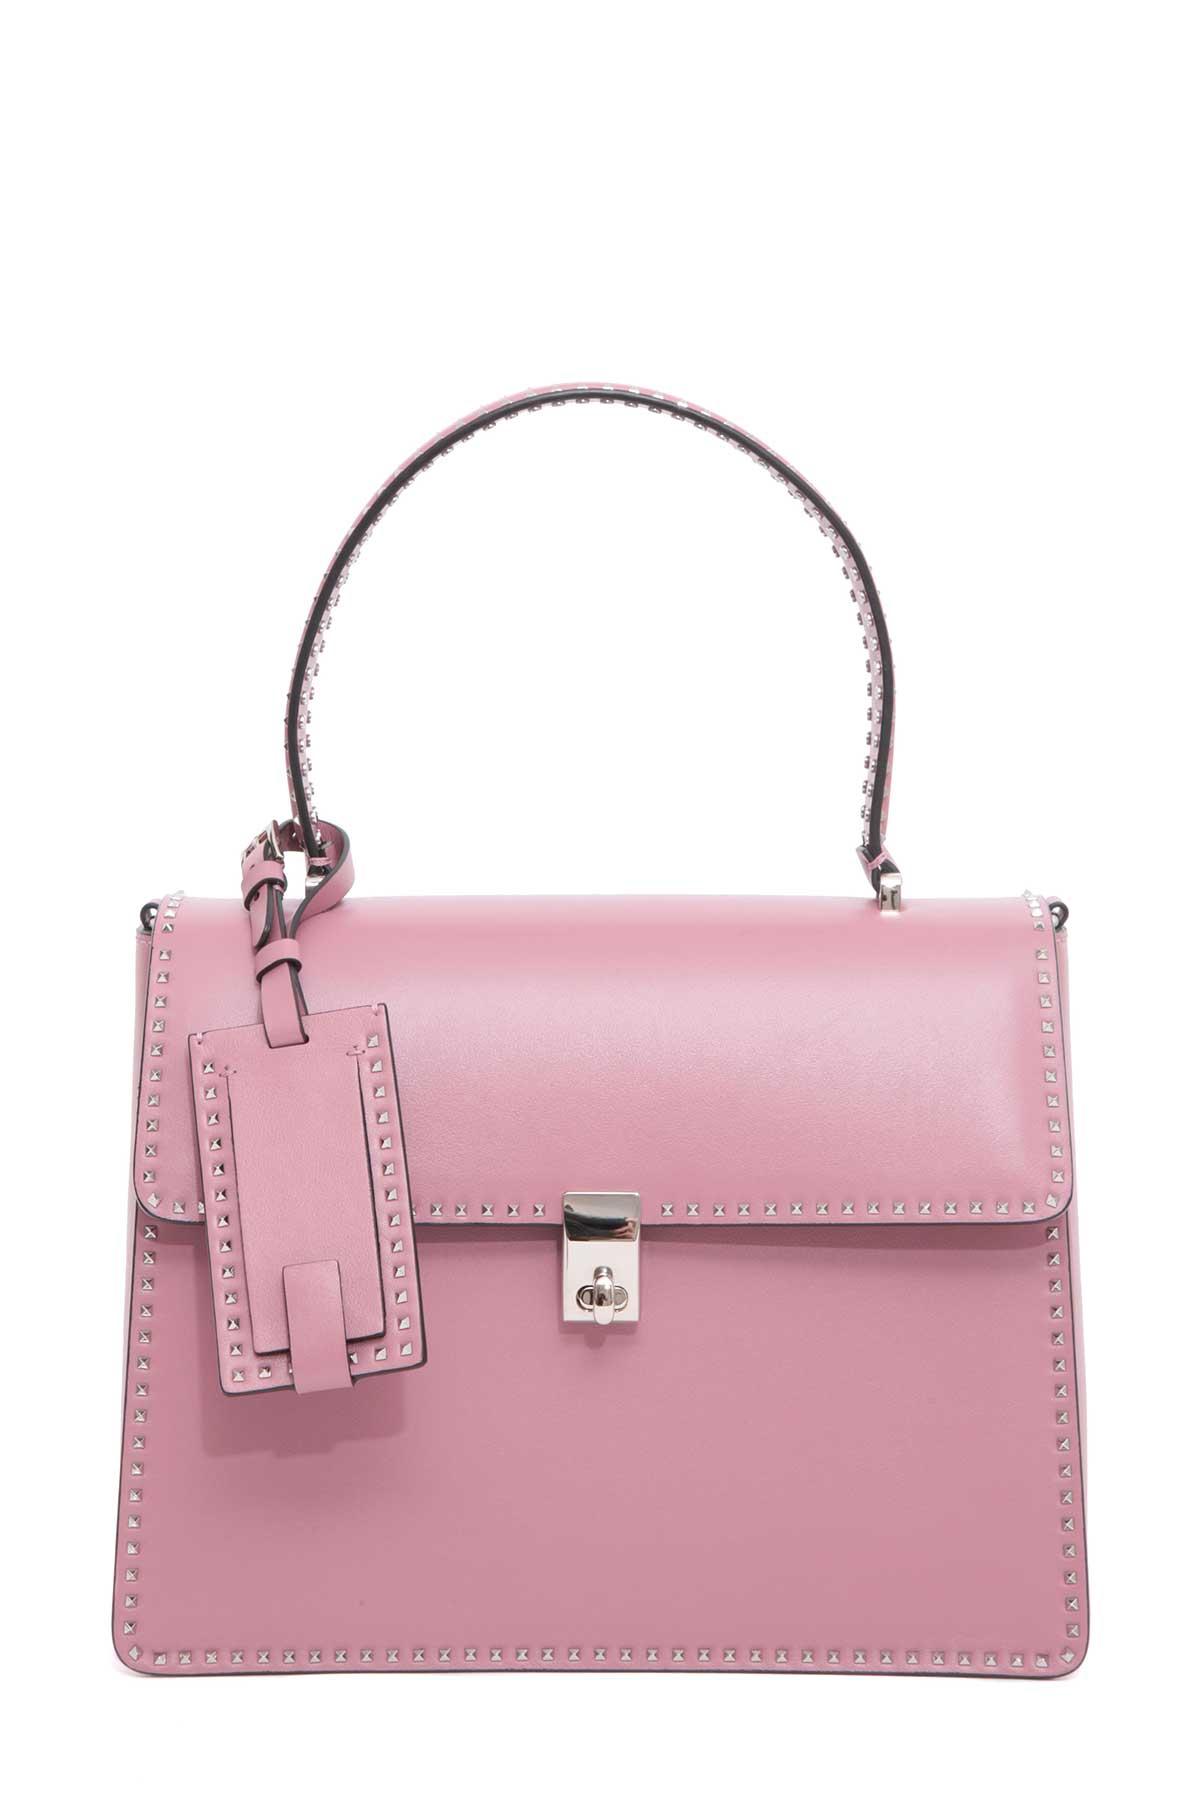 Valentino Garavani Handbag With Studs